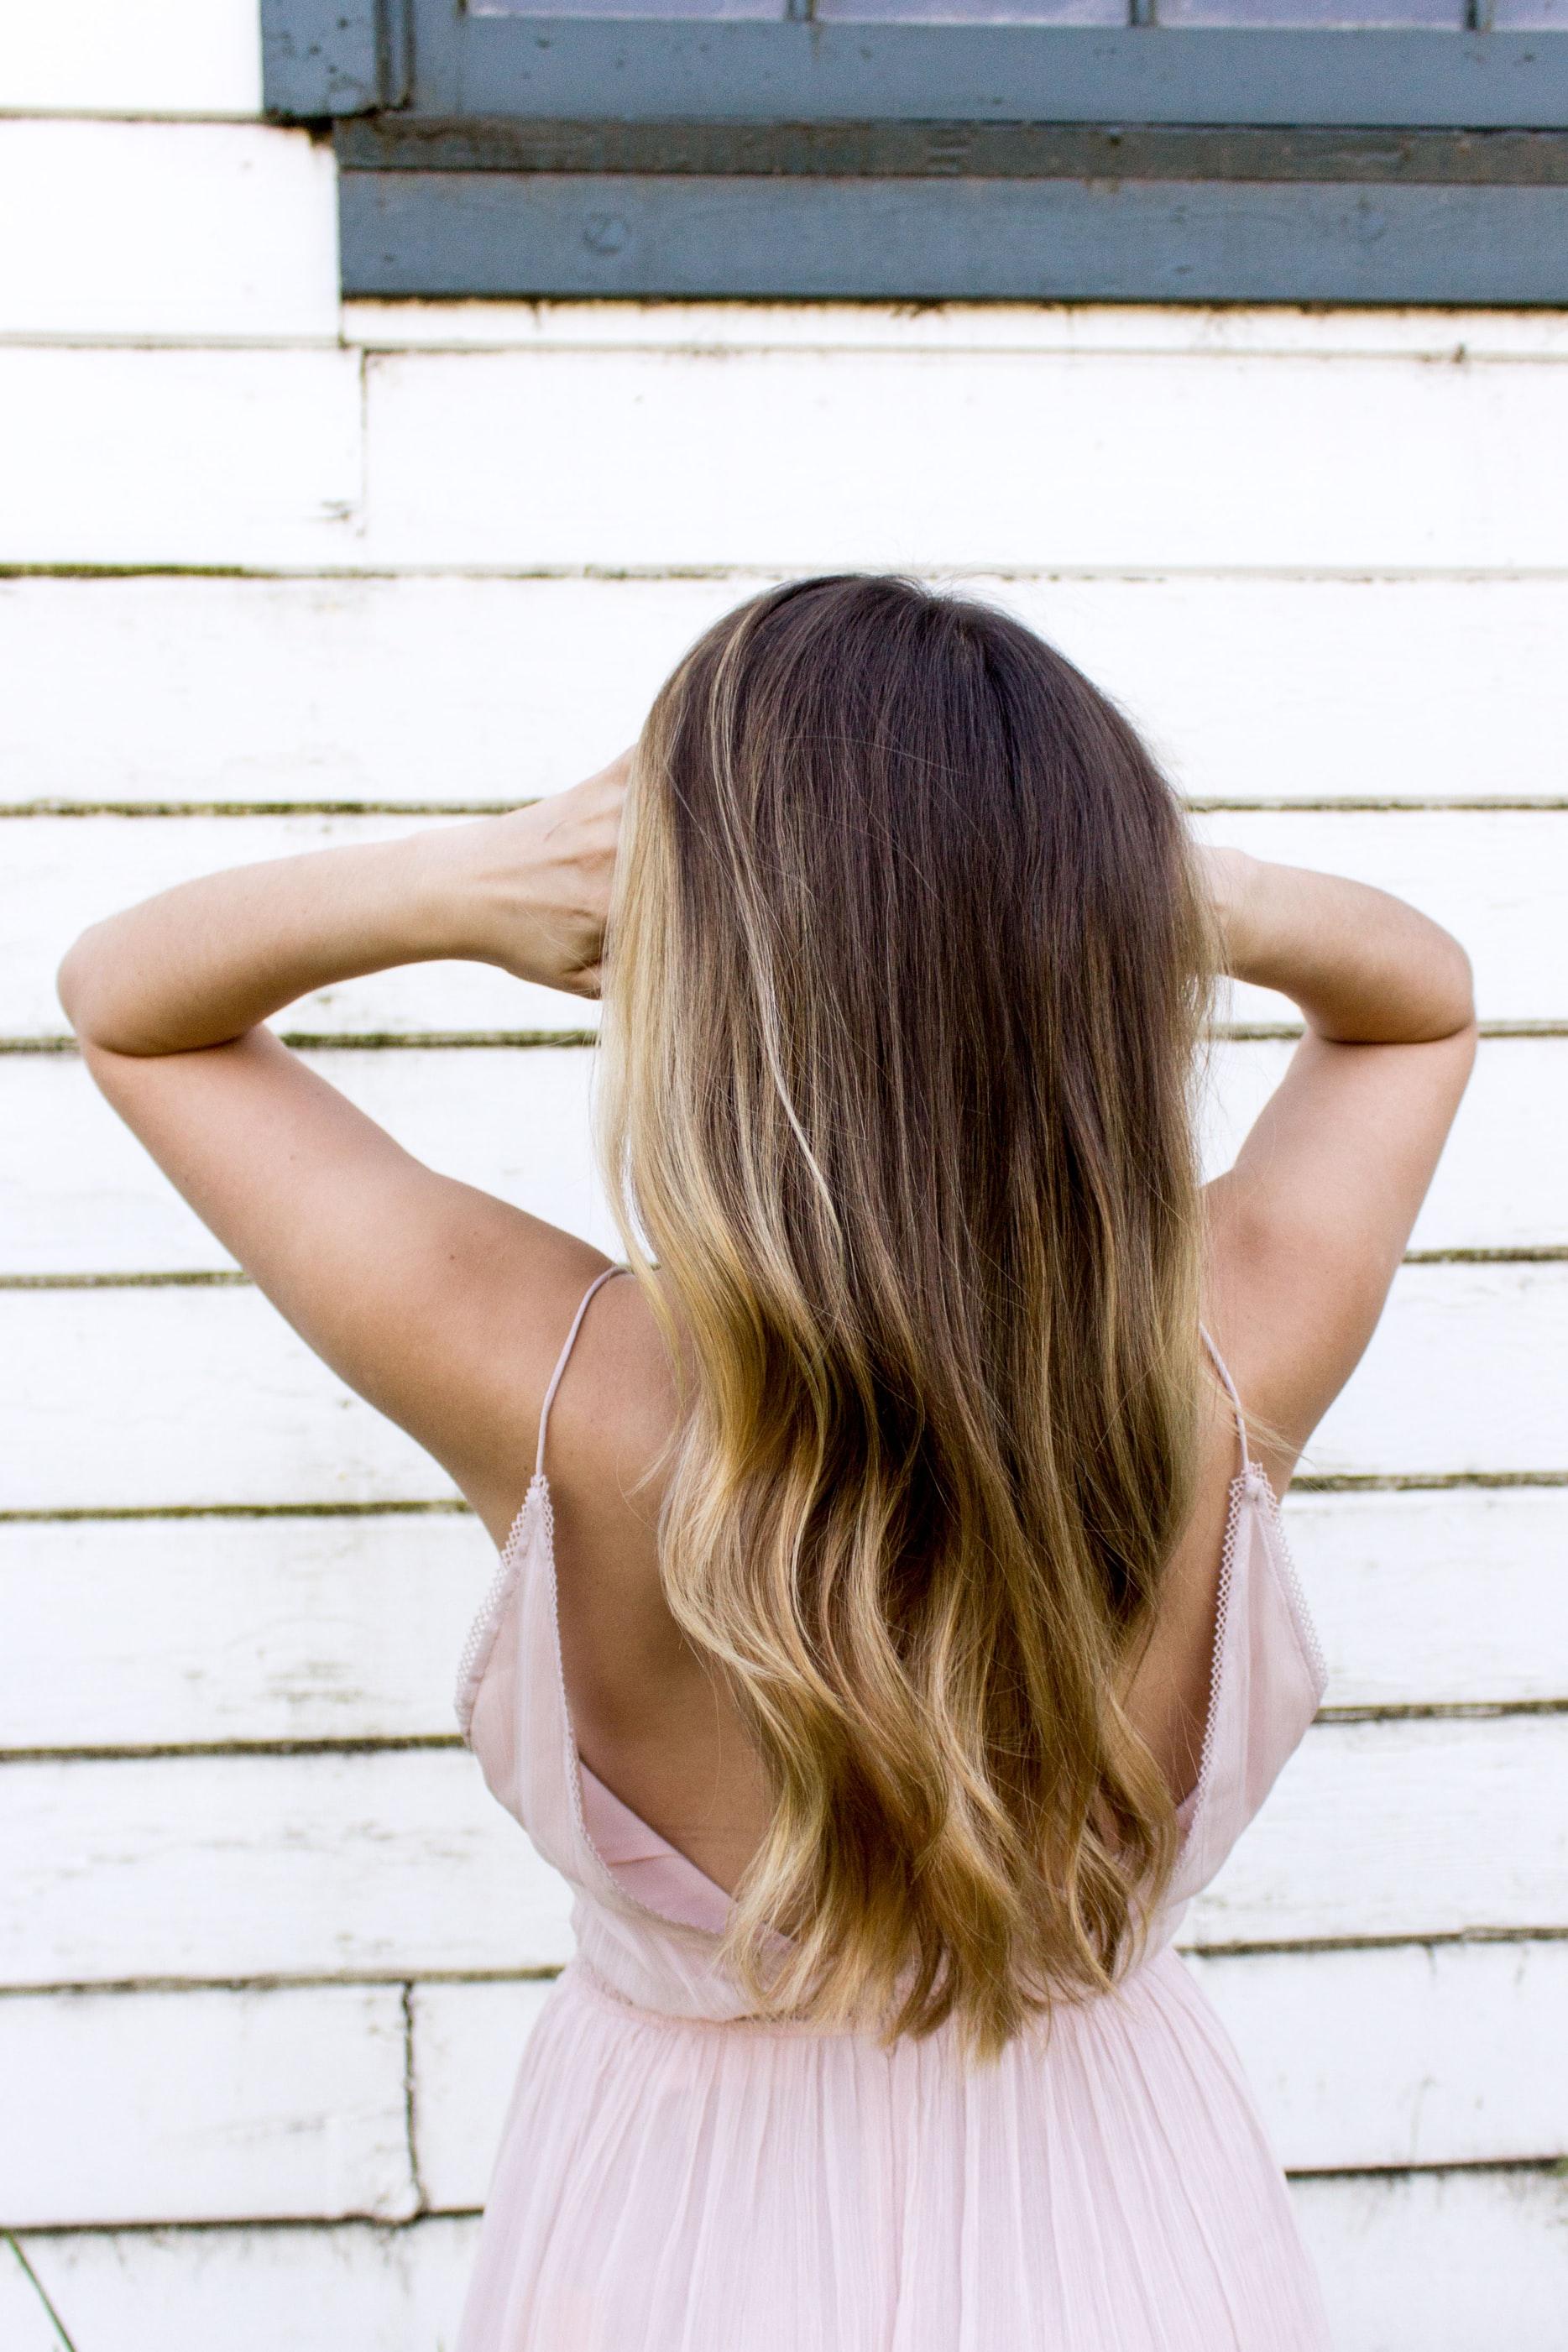 farby bez amoniaku - fryzura modelki